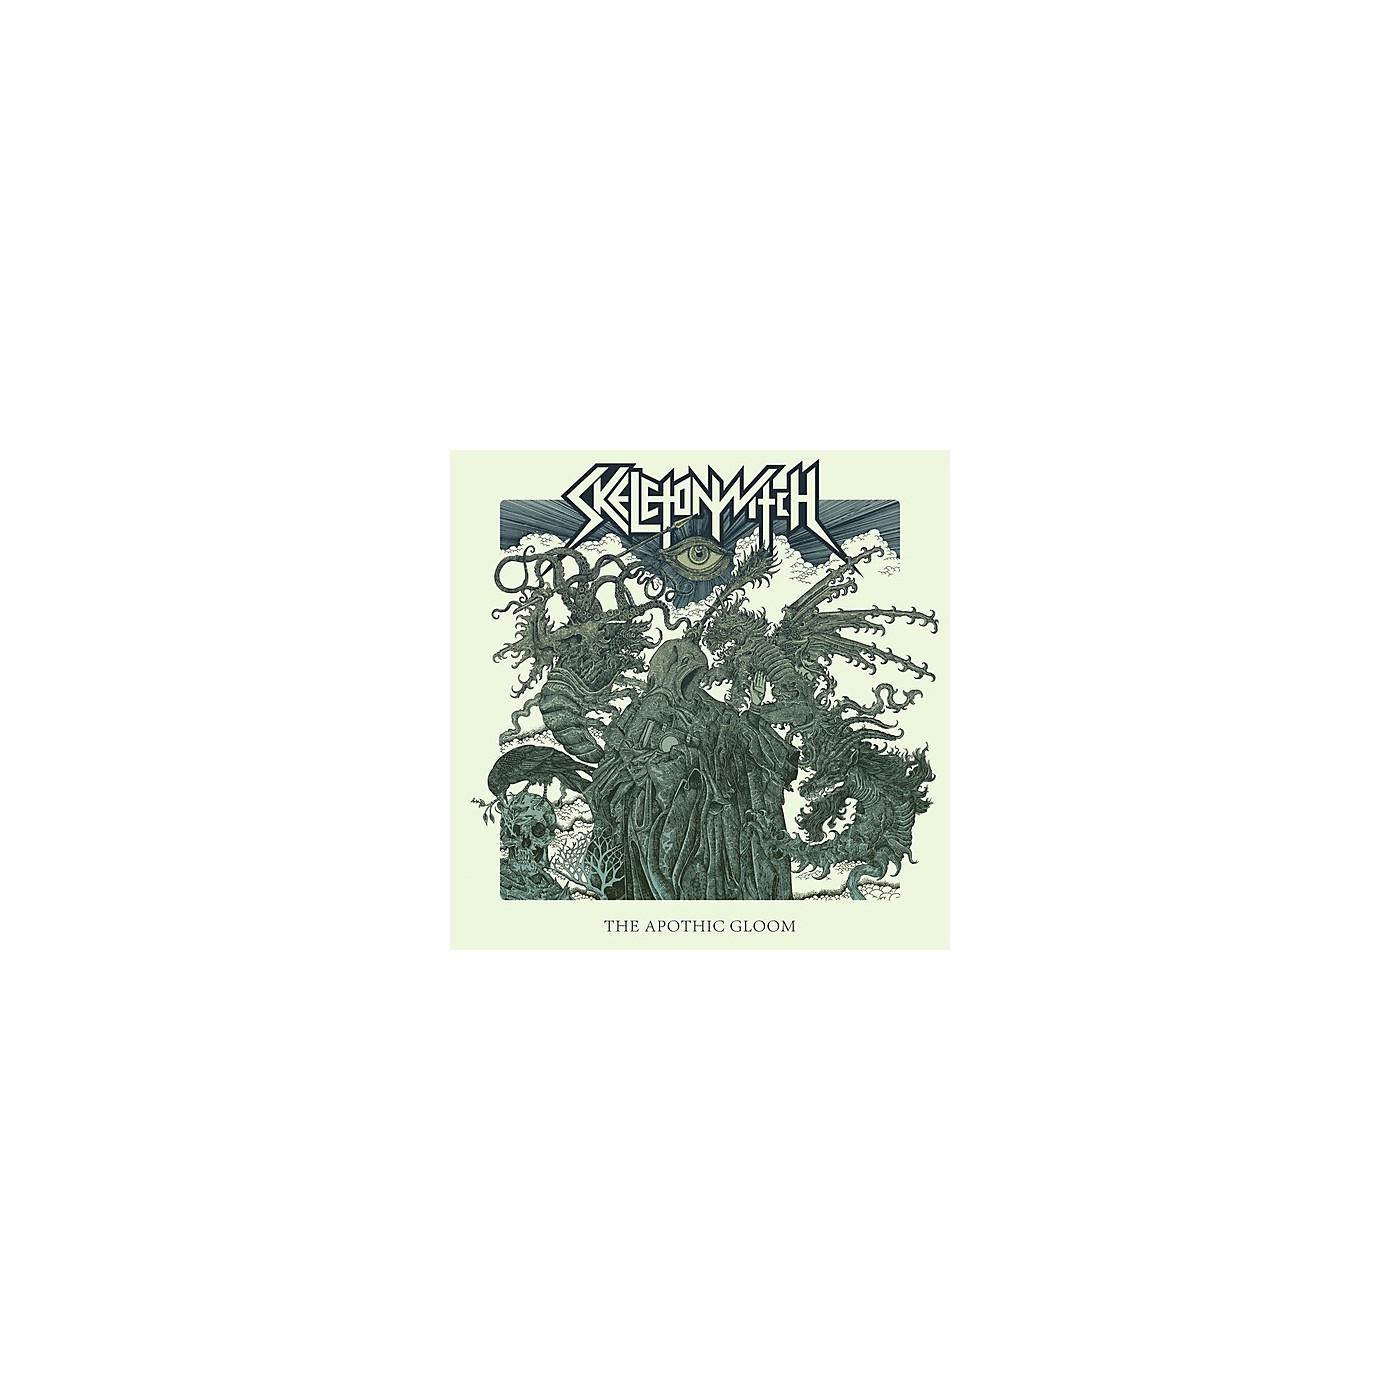 Alliance Skeletonwitch - The Apothic Gloom (Black) thumbnail